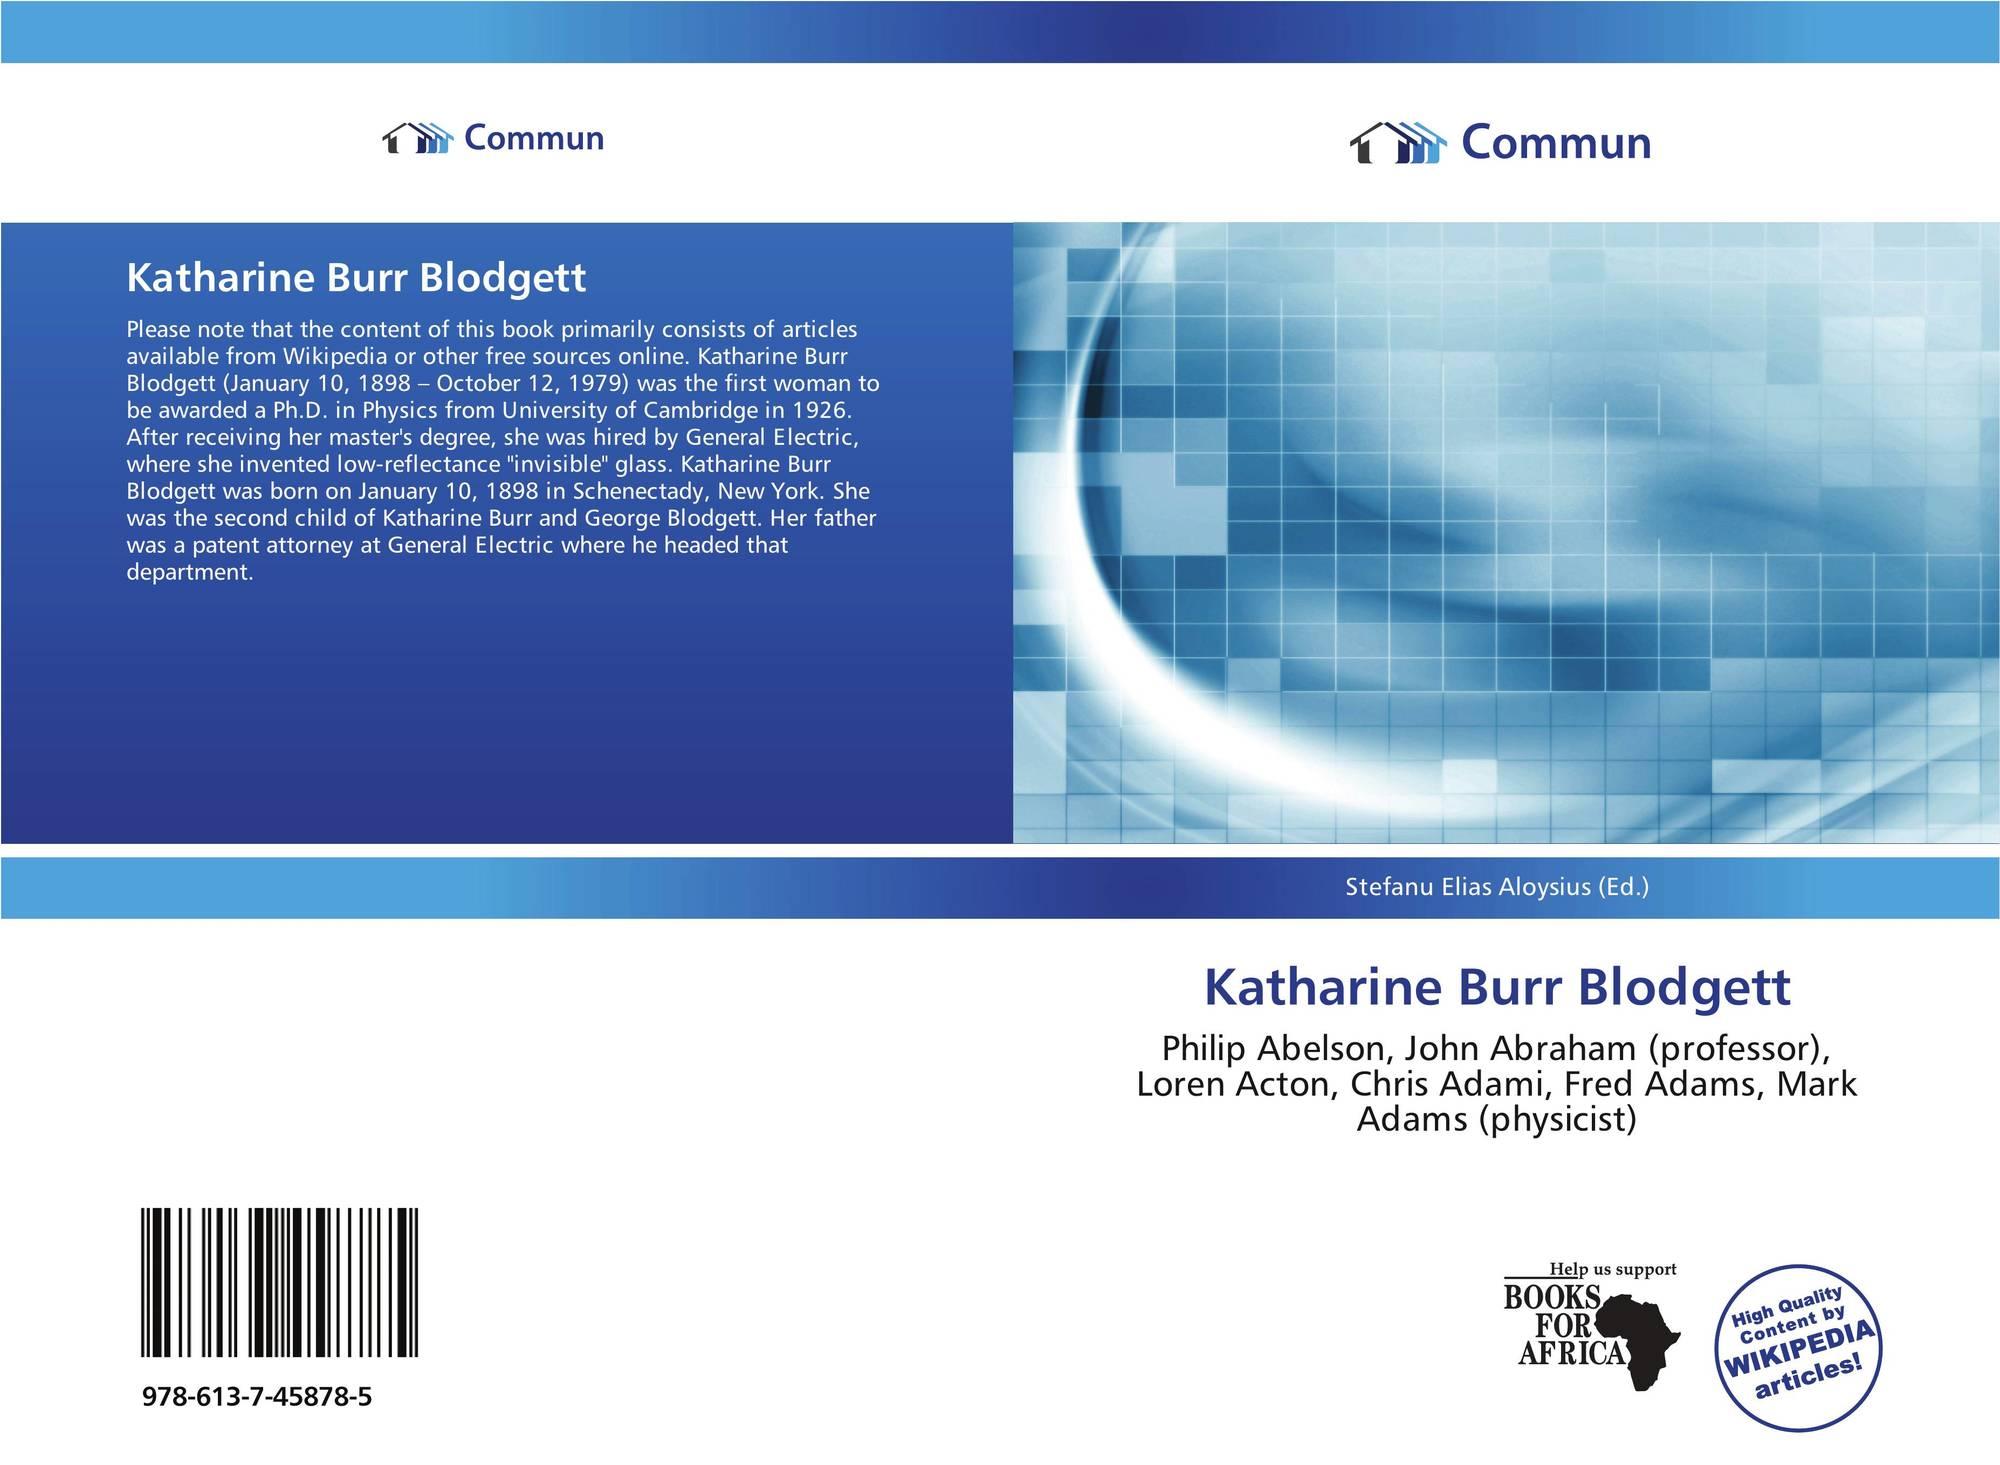 Katharine Burr Blodgett 9786137458785